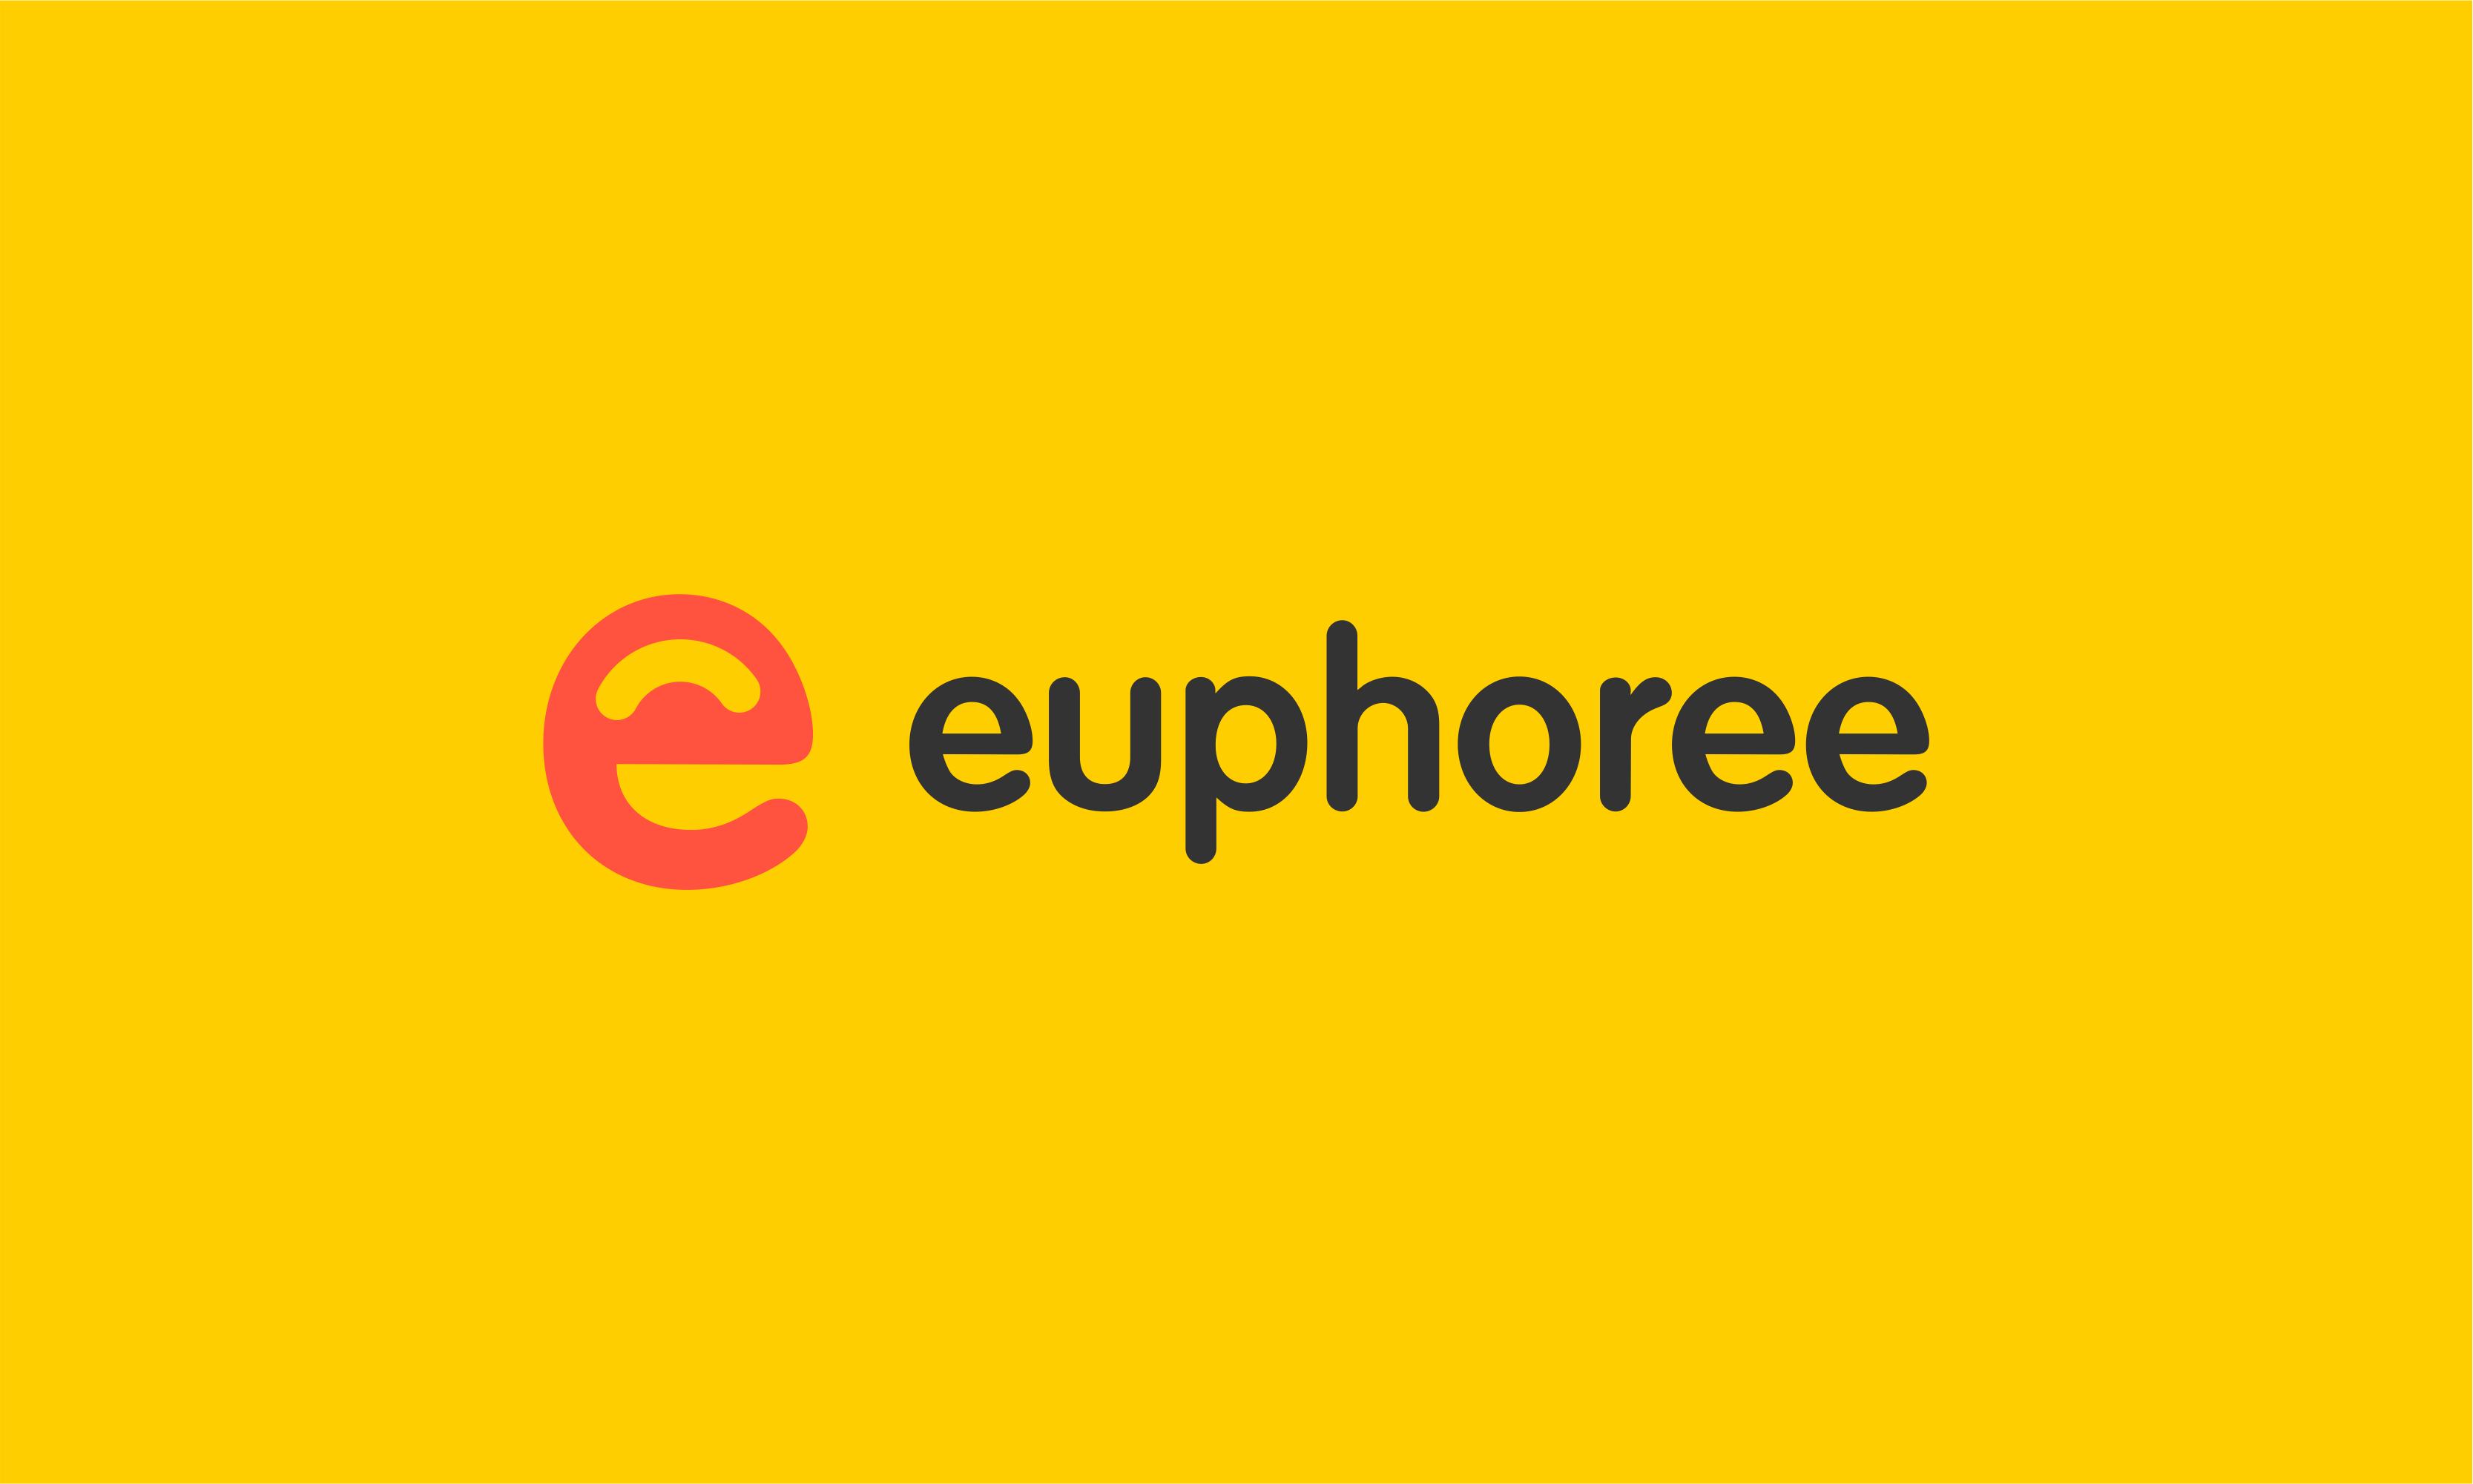 Euphoree